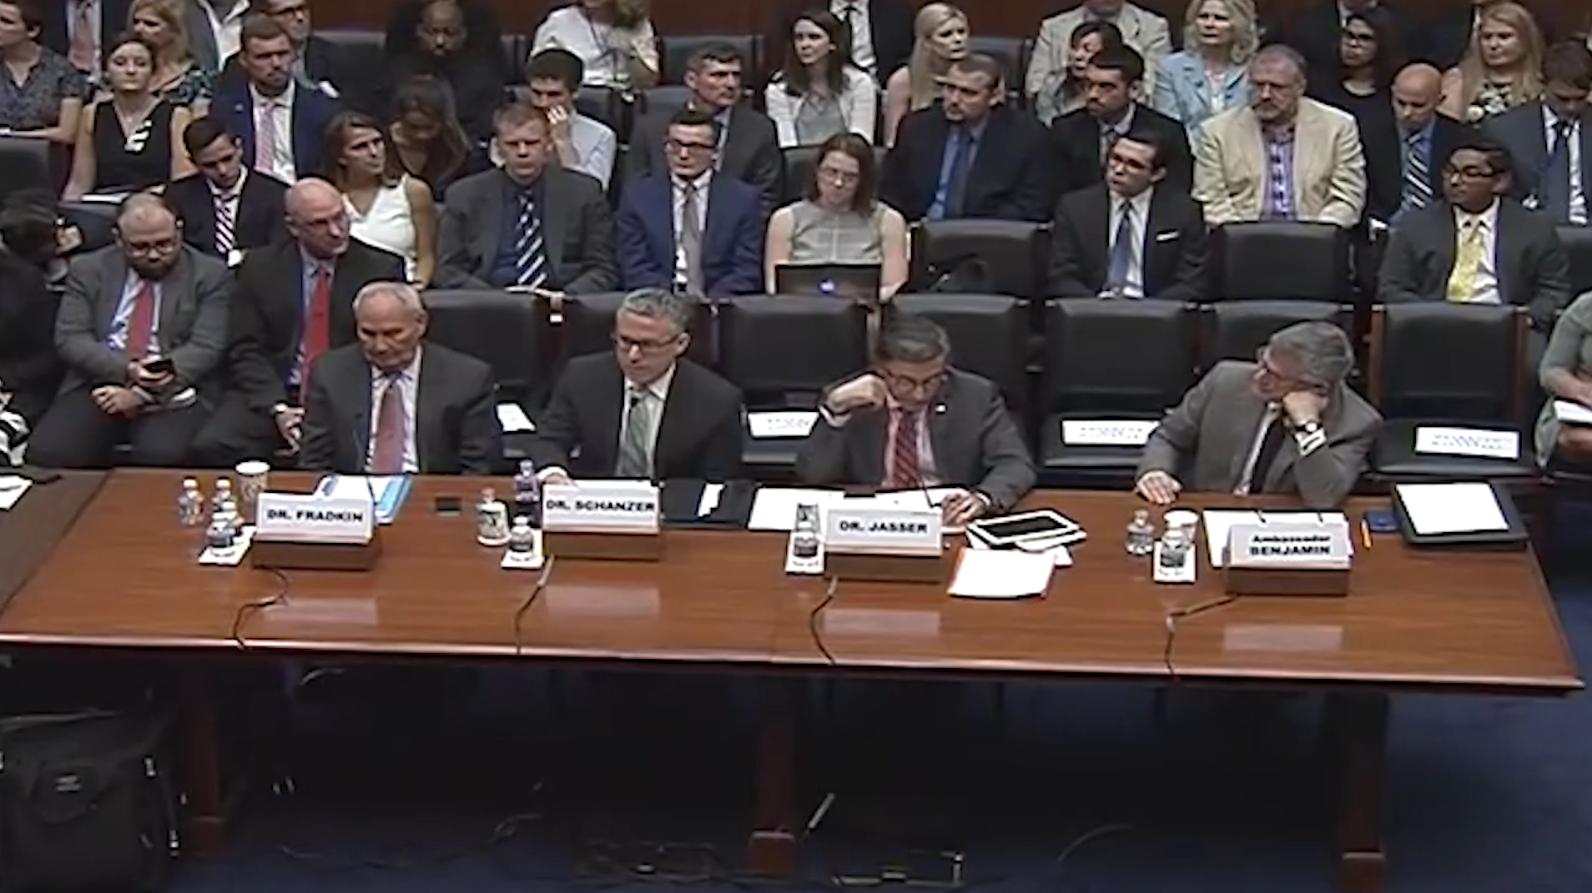 جلسة استماع لجنة الأمن القومي بمجلس النواب الأميركي لمناقشة التهديد العالمي لجماعة الإخوان المسلمين